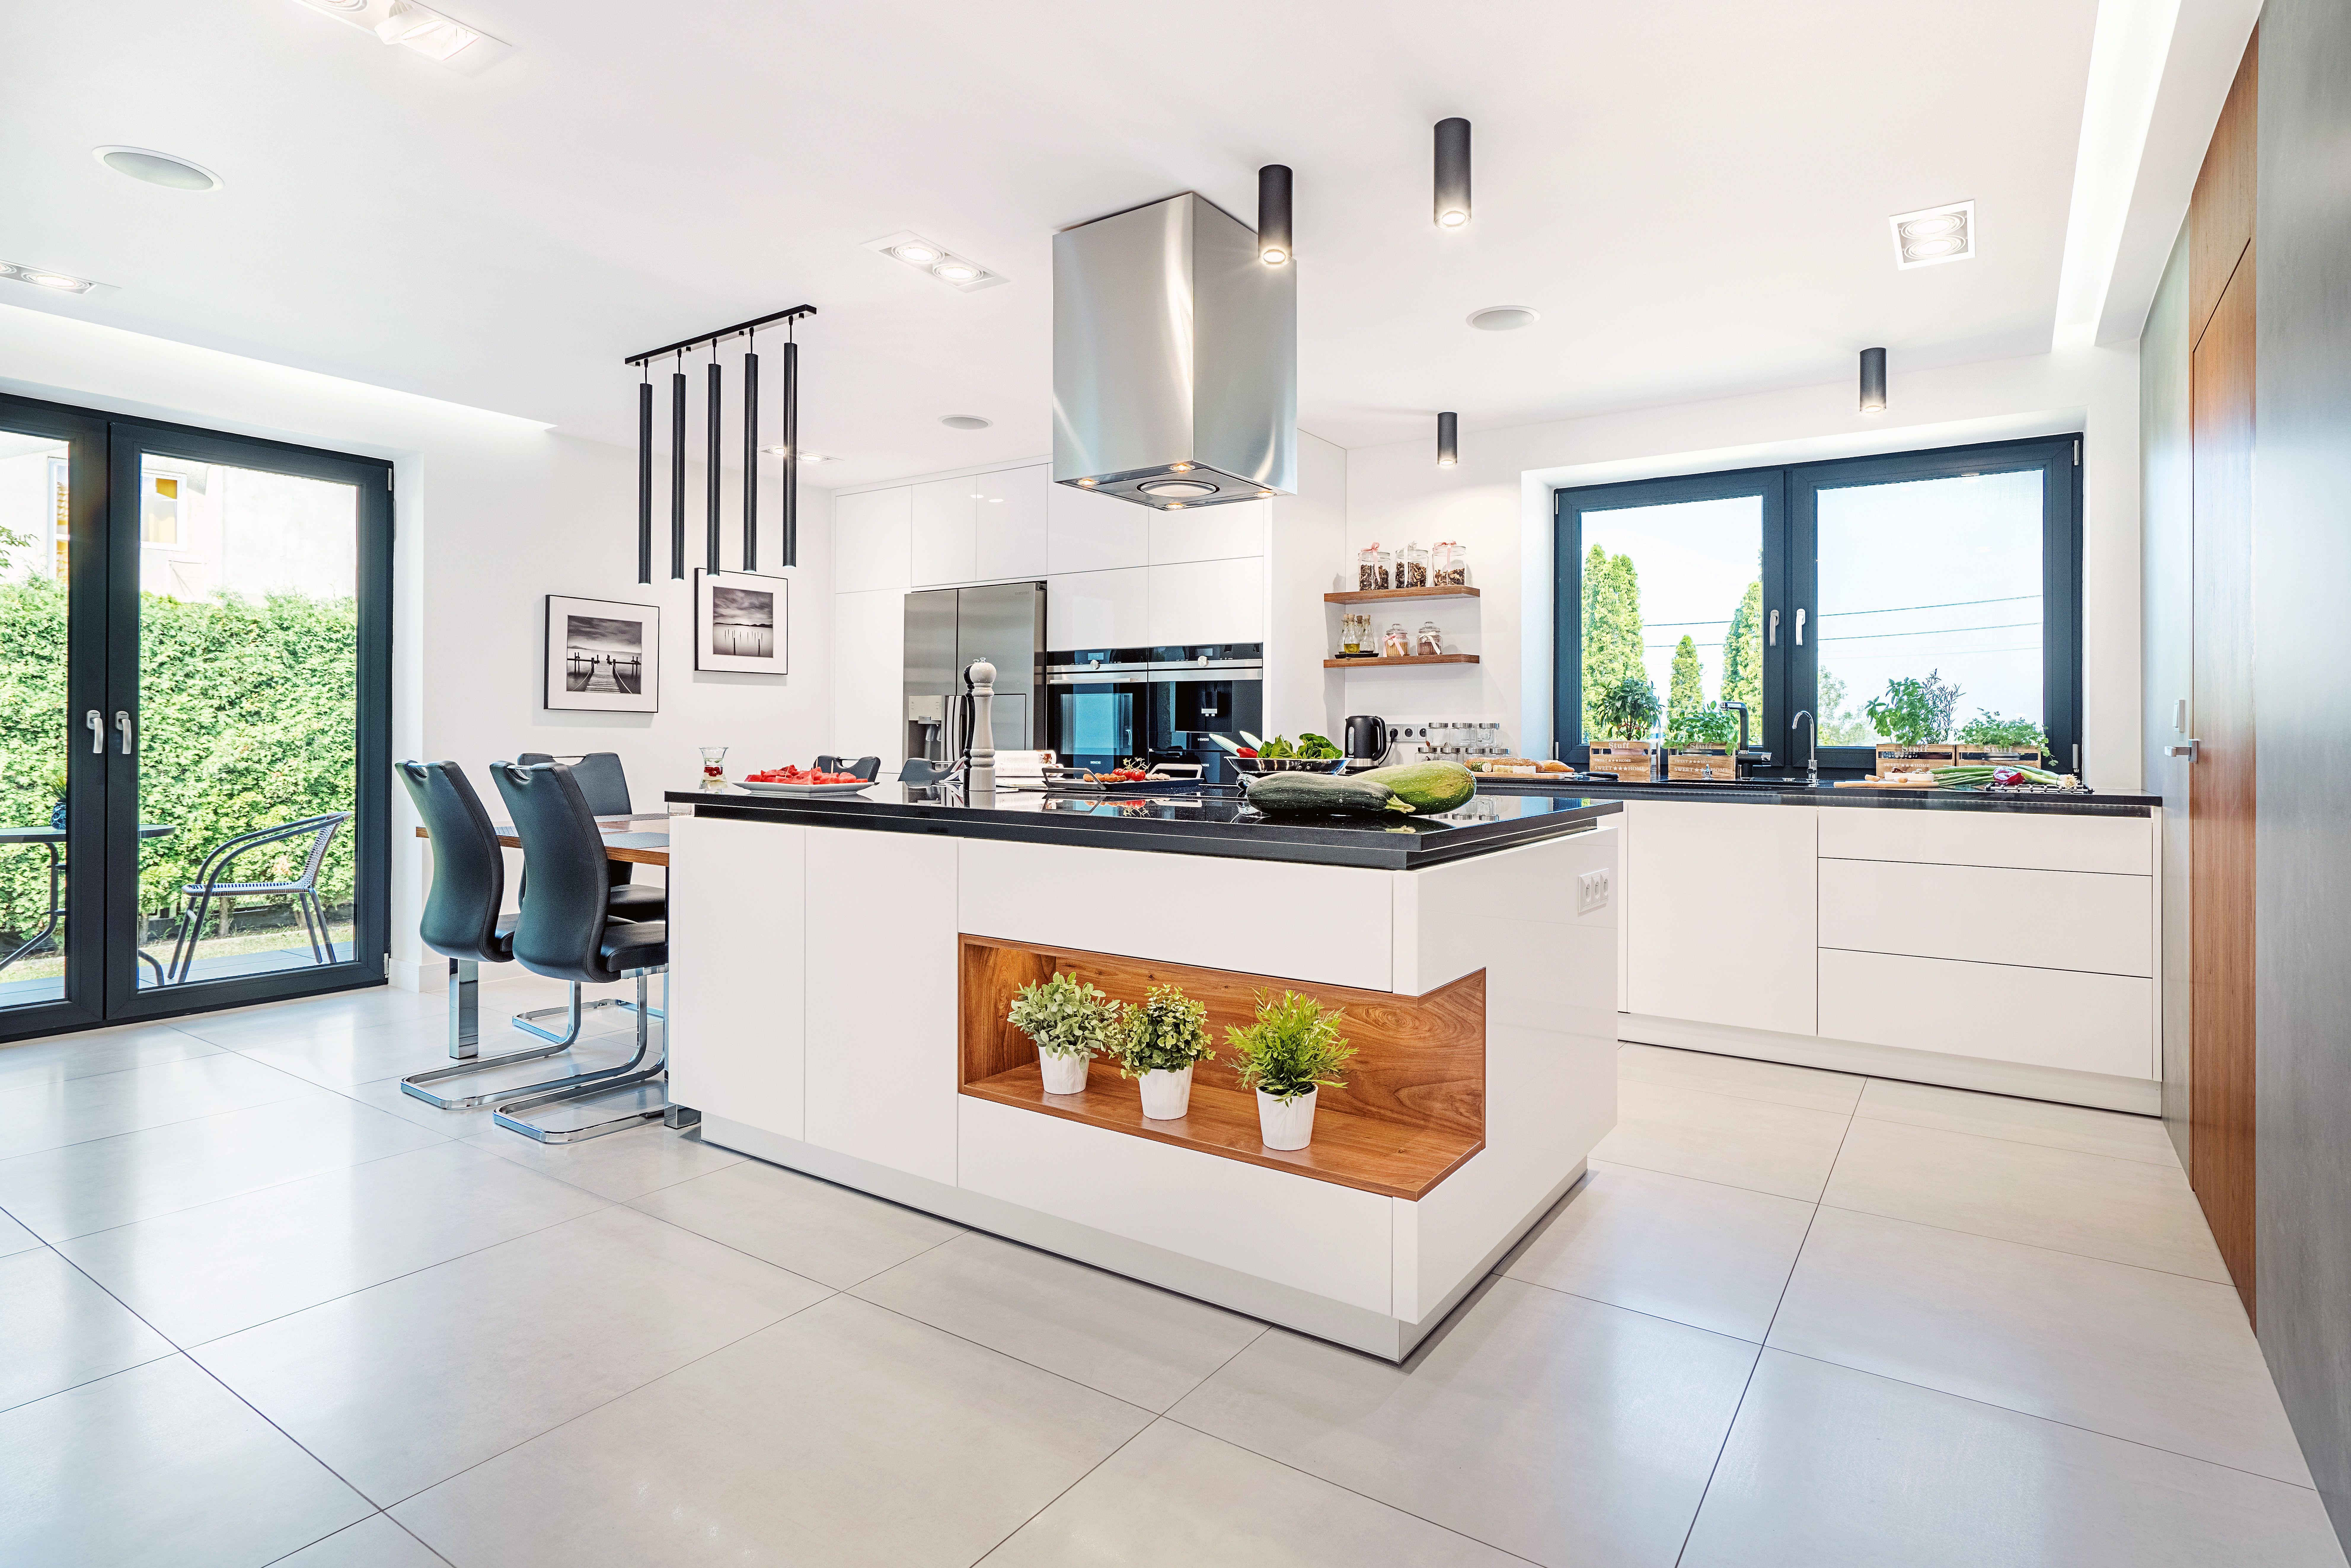 Do Jednych Z Bardzo Modnych Rozwiazan W Kuchni Jest Zaaranzowanie Wyspy Na Srodku Pomieszczenia Bialakuchnia Jasnakuchnia Przestrze Kitchen Home Home Decor